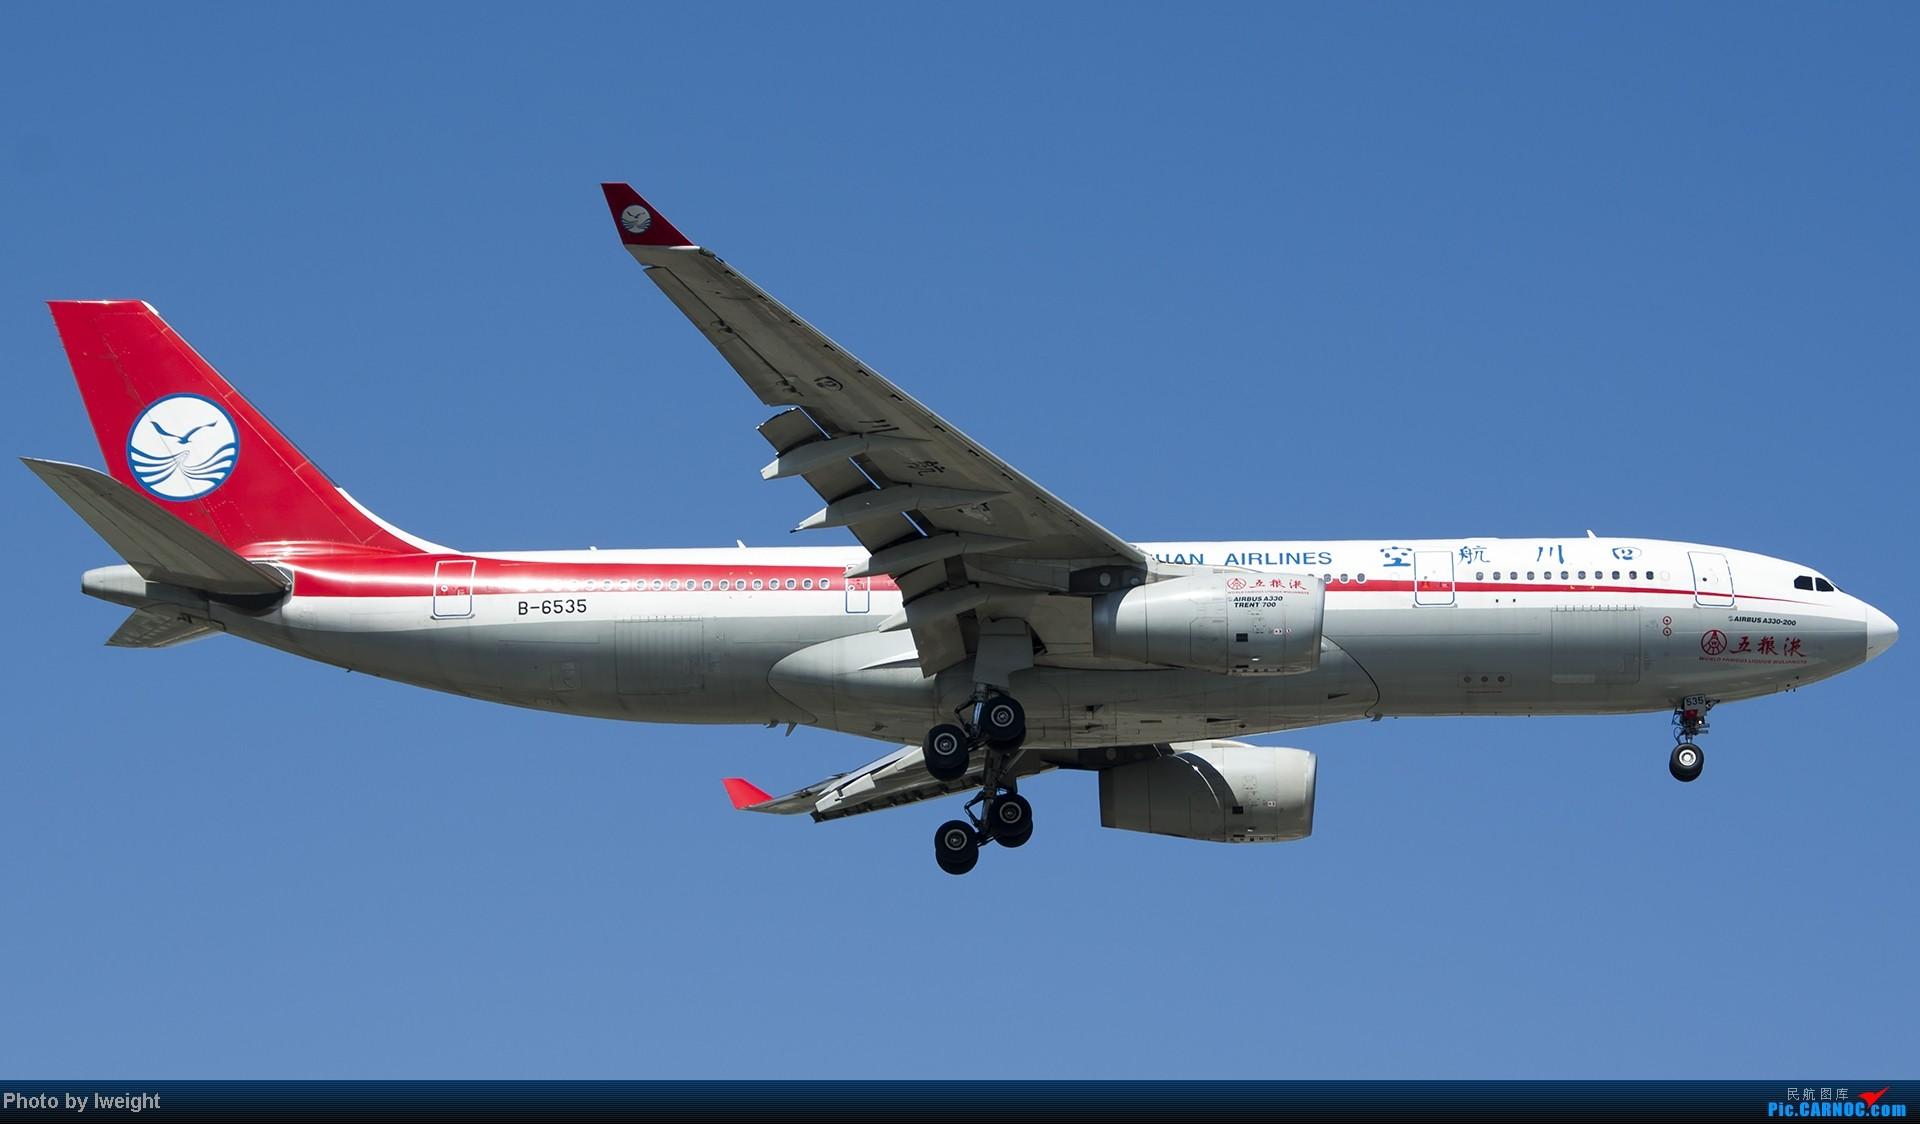 Re:[原创]酷暑周末拍遍PEK三条跑道,收获众多常见机型 AIRBUS A330-200 B-6535 中国北京首都机场